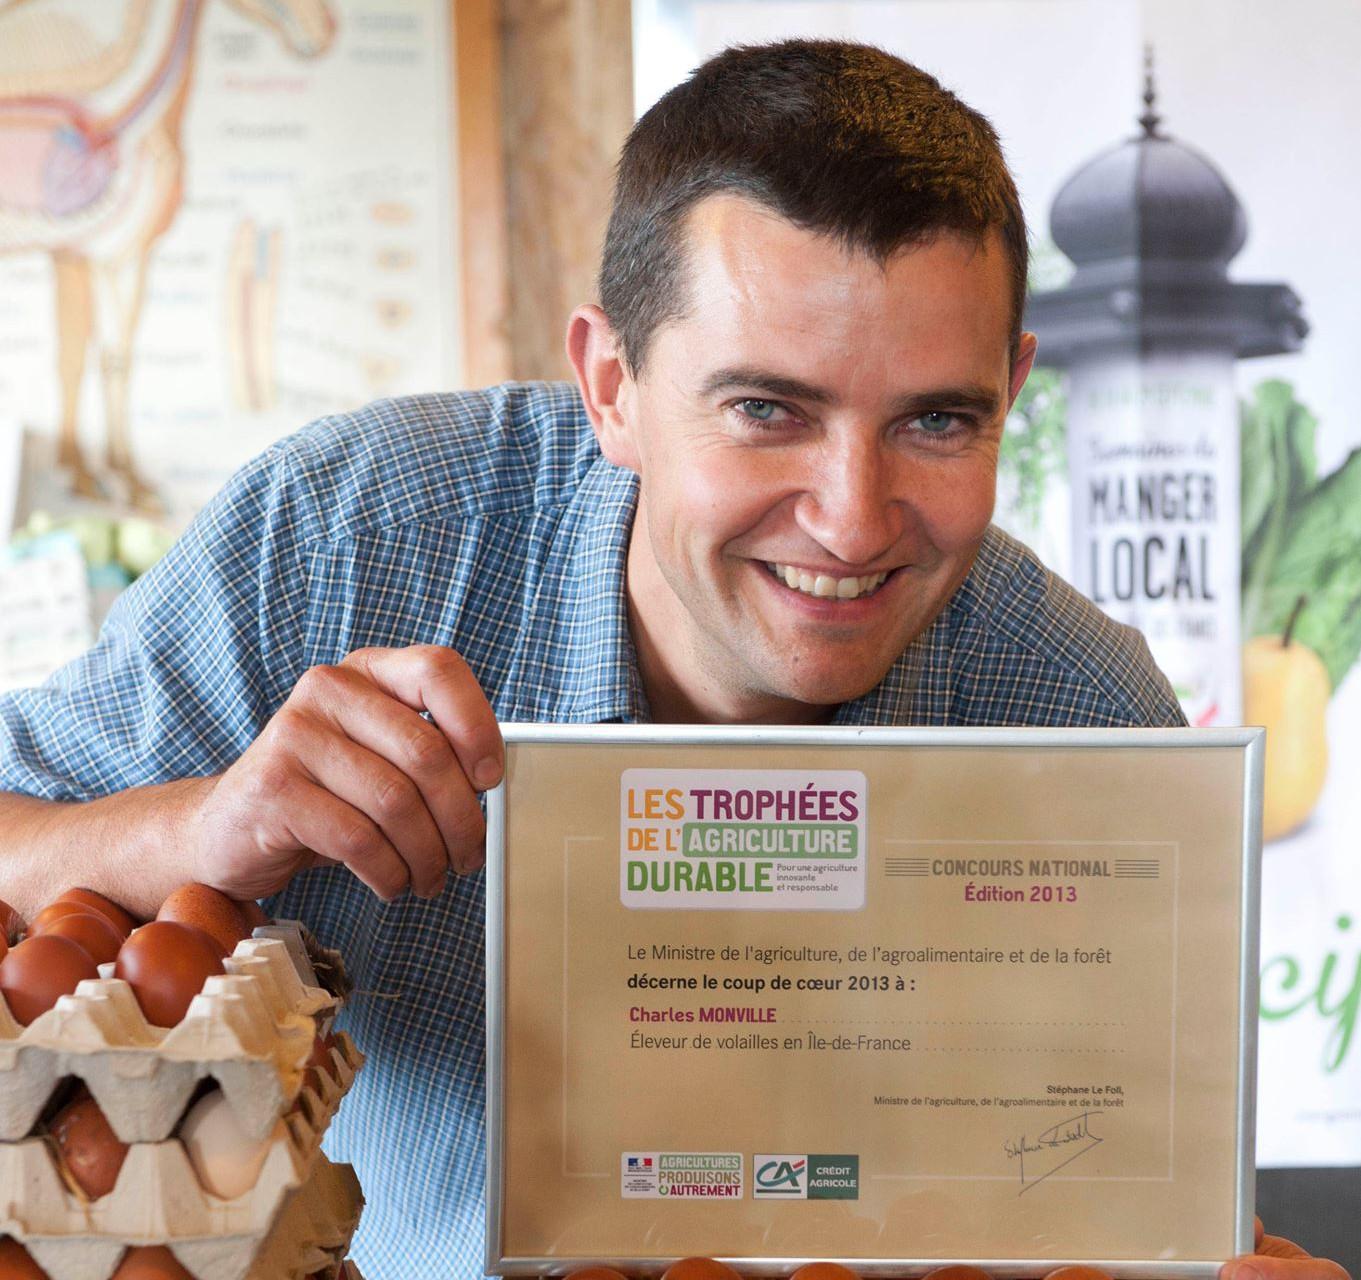 Notre producteur de volailles remporte un trophée de l'agriculture durable